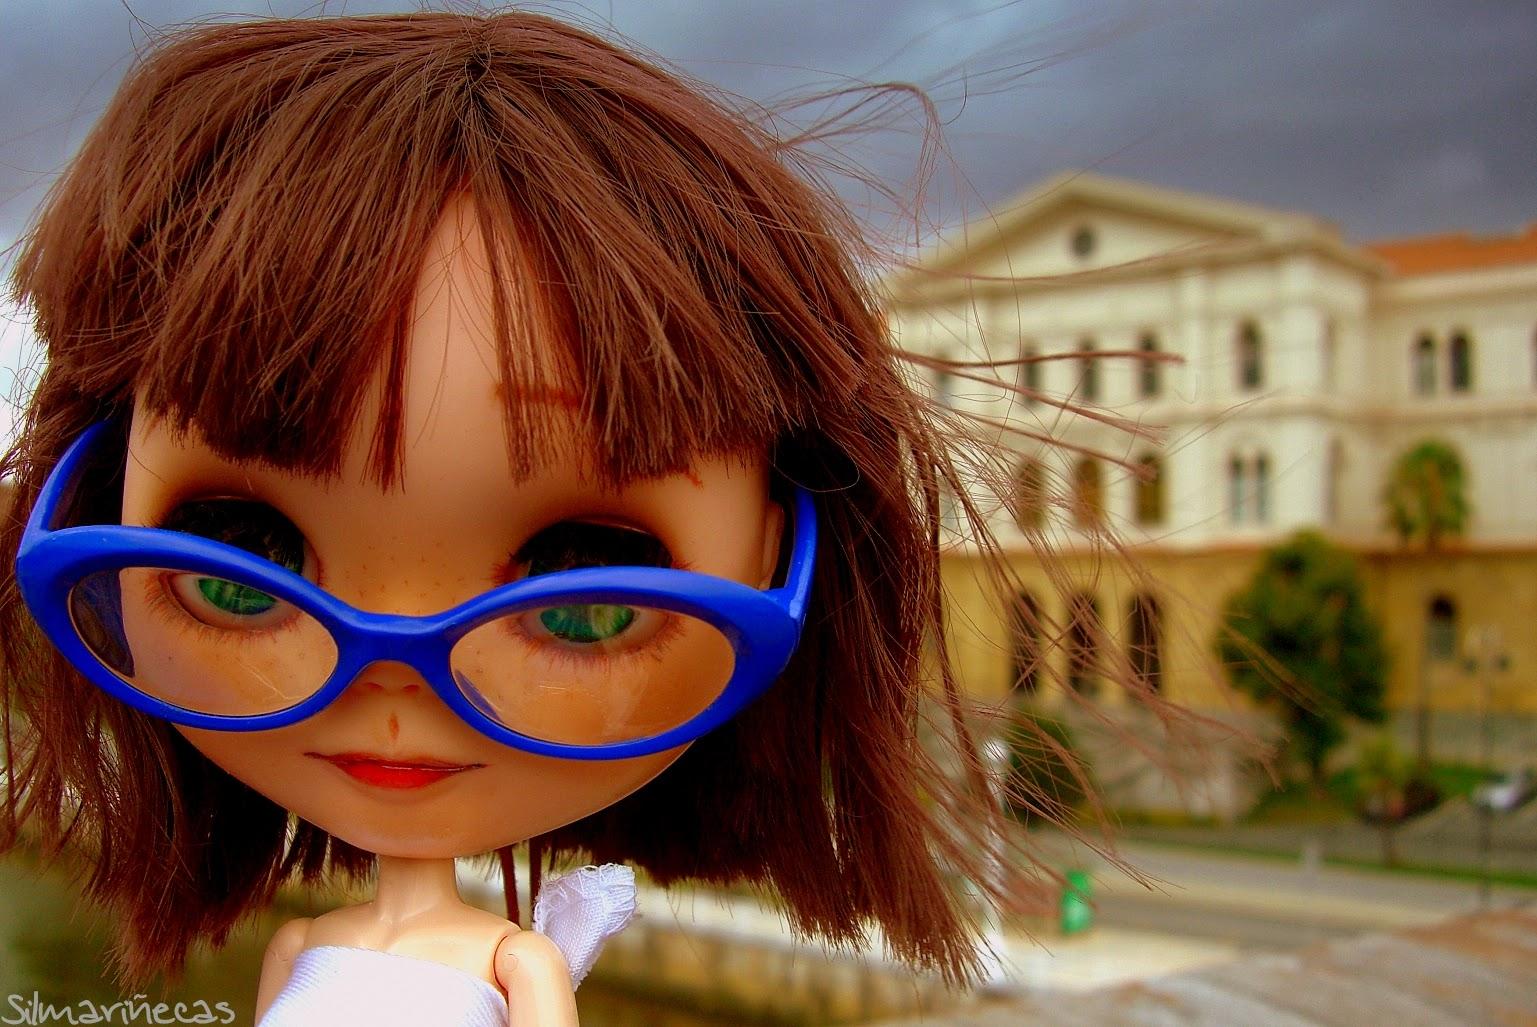 Basaak doll y la universidad de Deusto